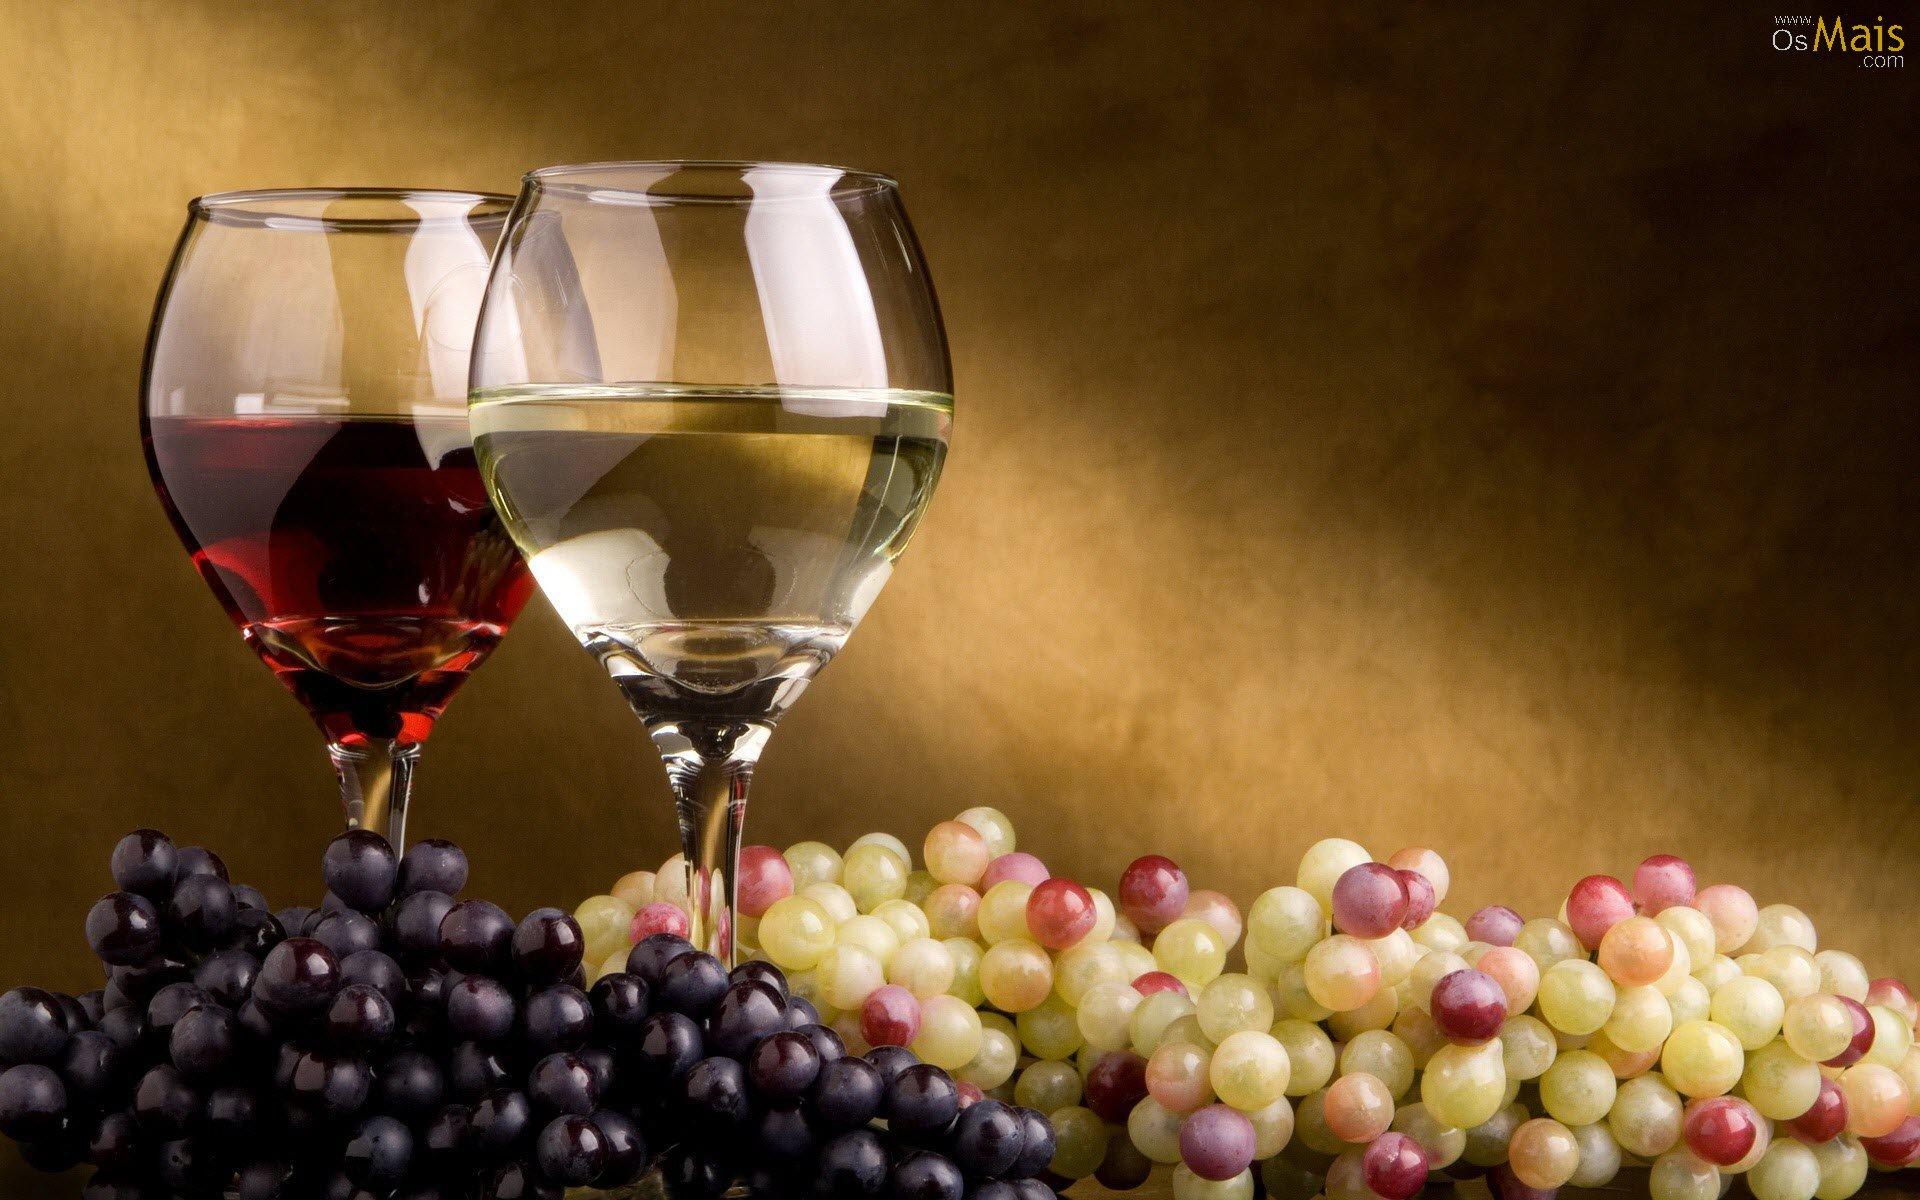 Vinhos o que você precisar saber e entender para degustar um bom vinho.